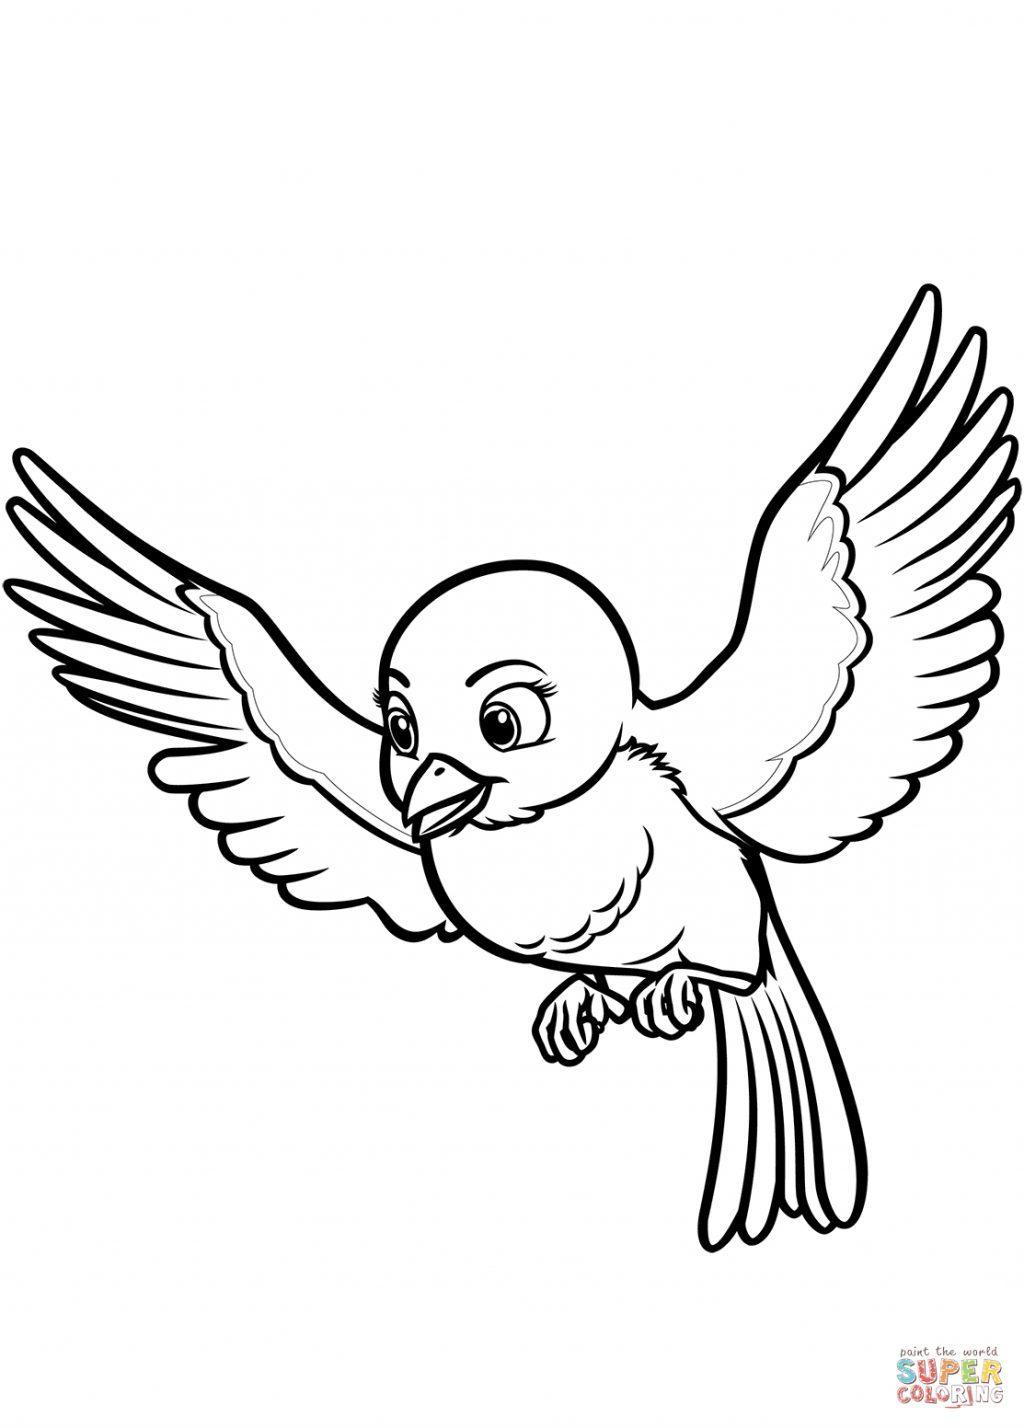 Tranh tô màu hình chim cái